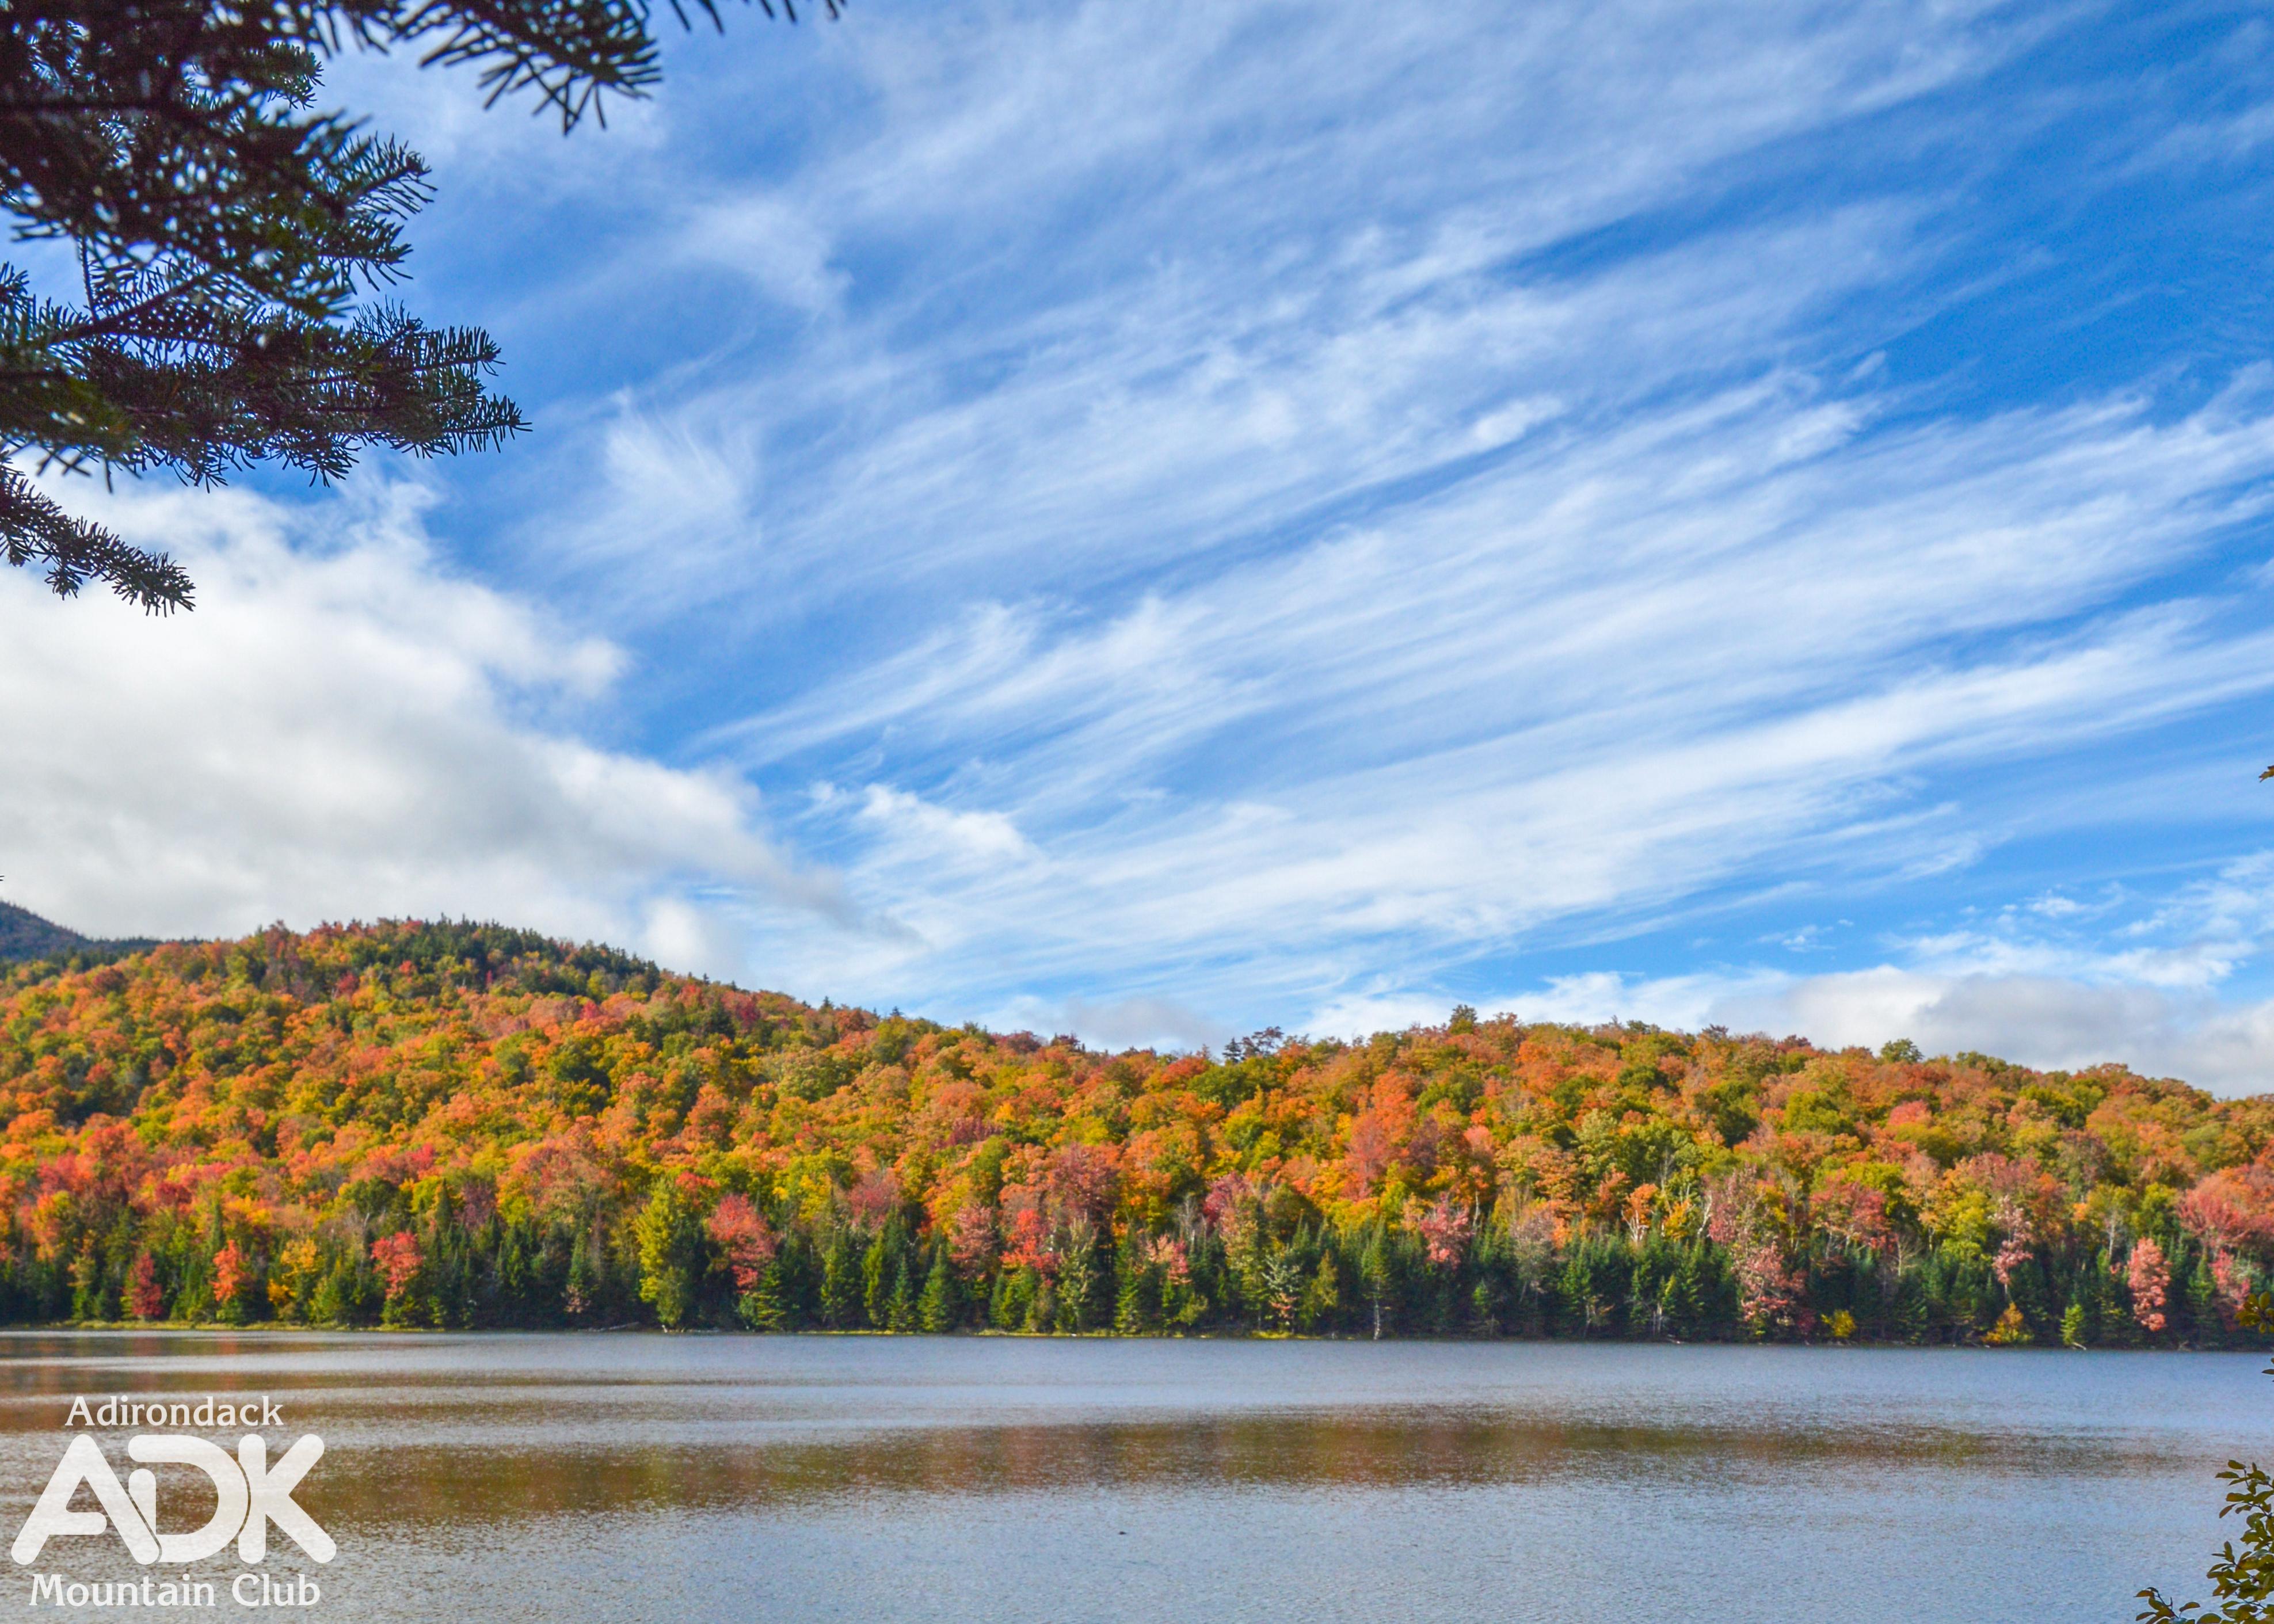 Fall folliage at Heart Lake